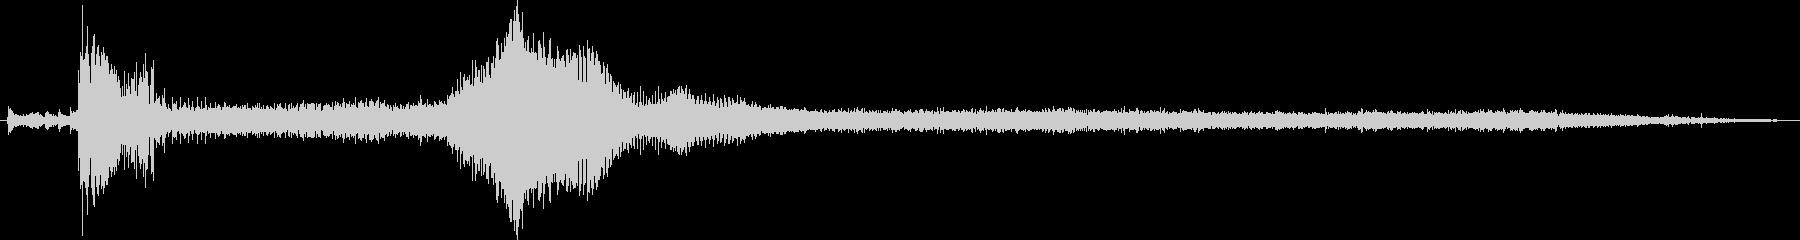 シボレーカマロ:Ext:スタート、...の未再生の波形